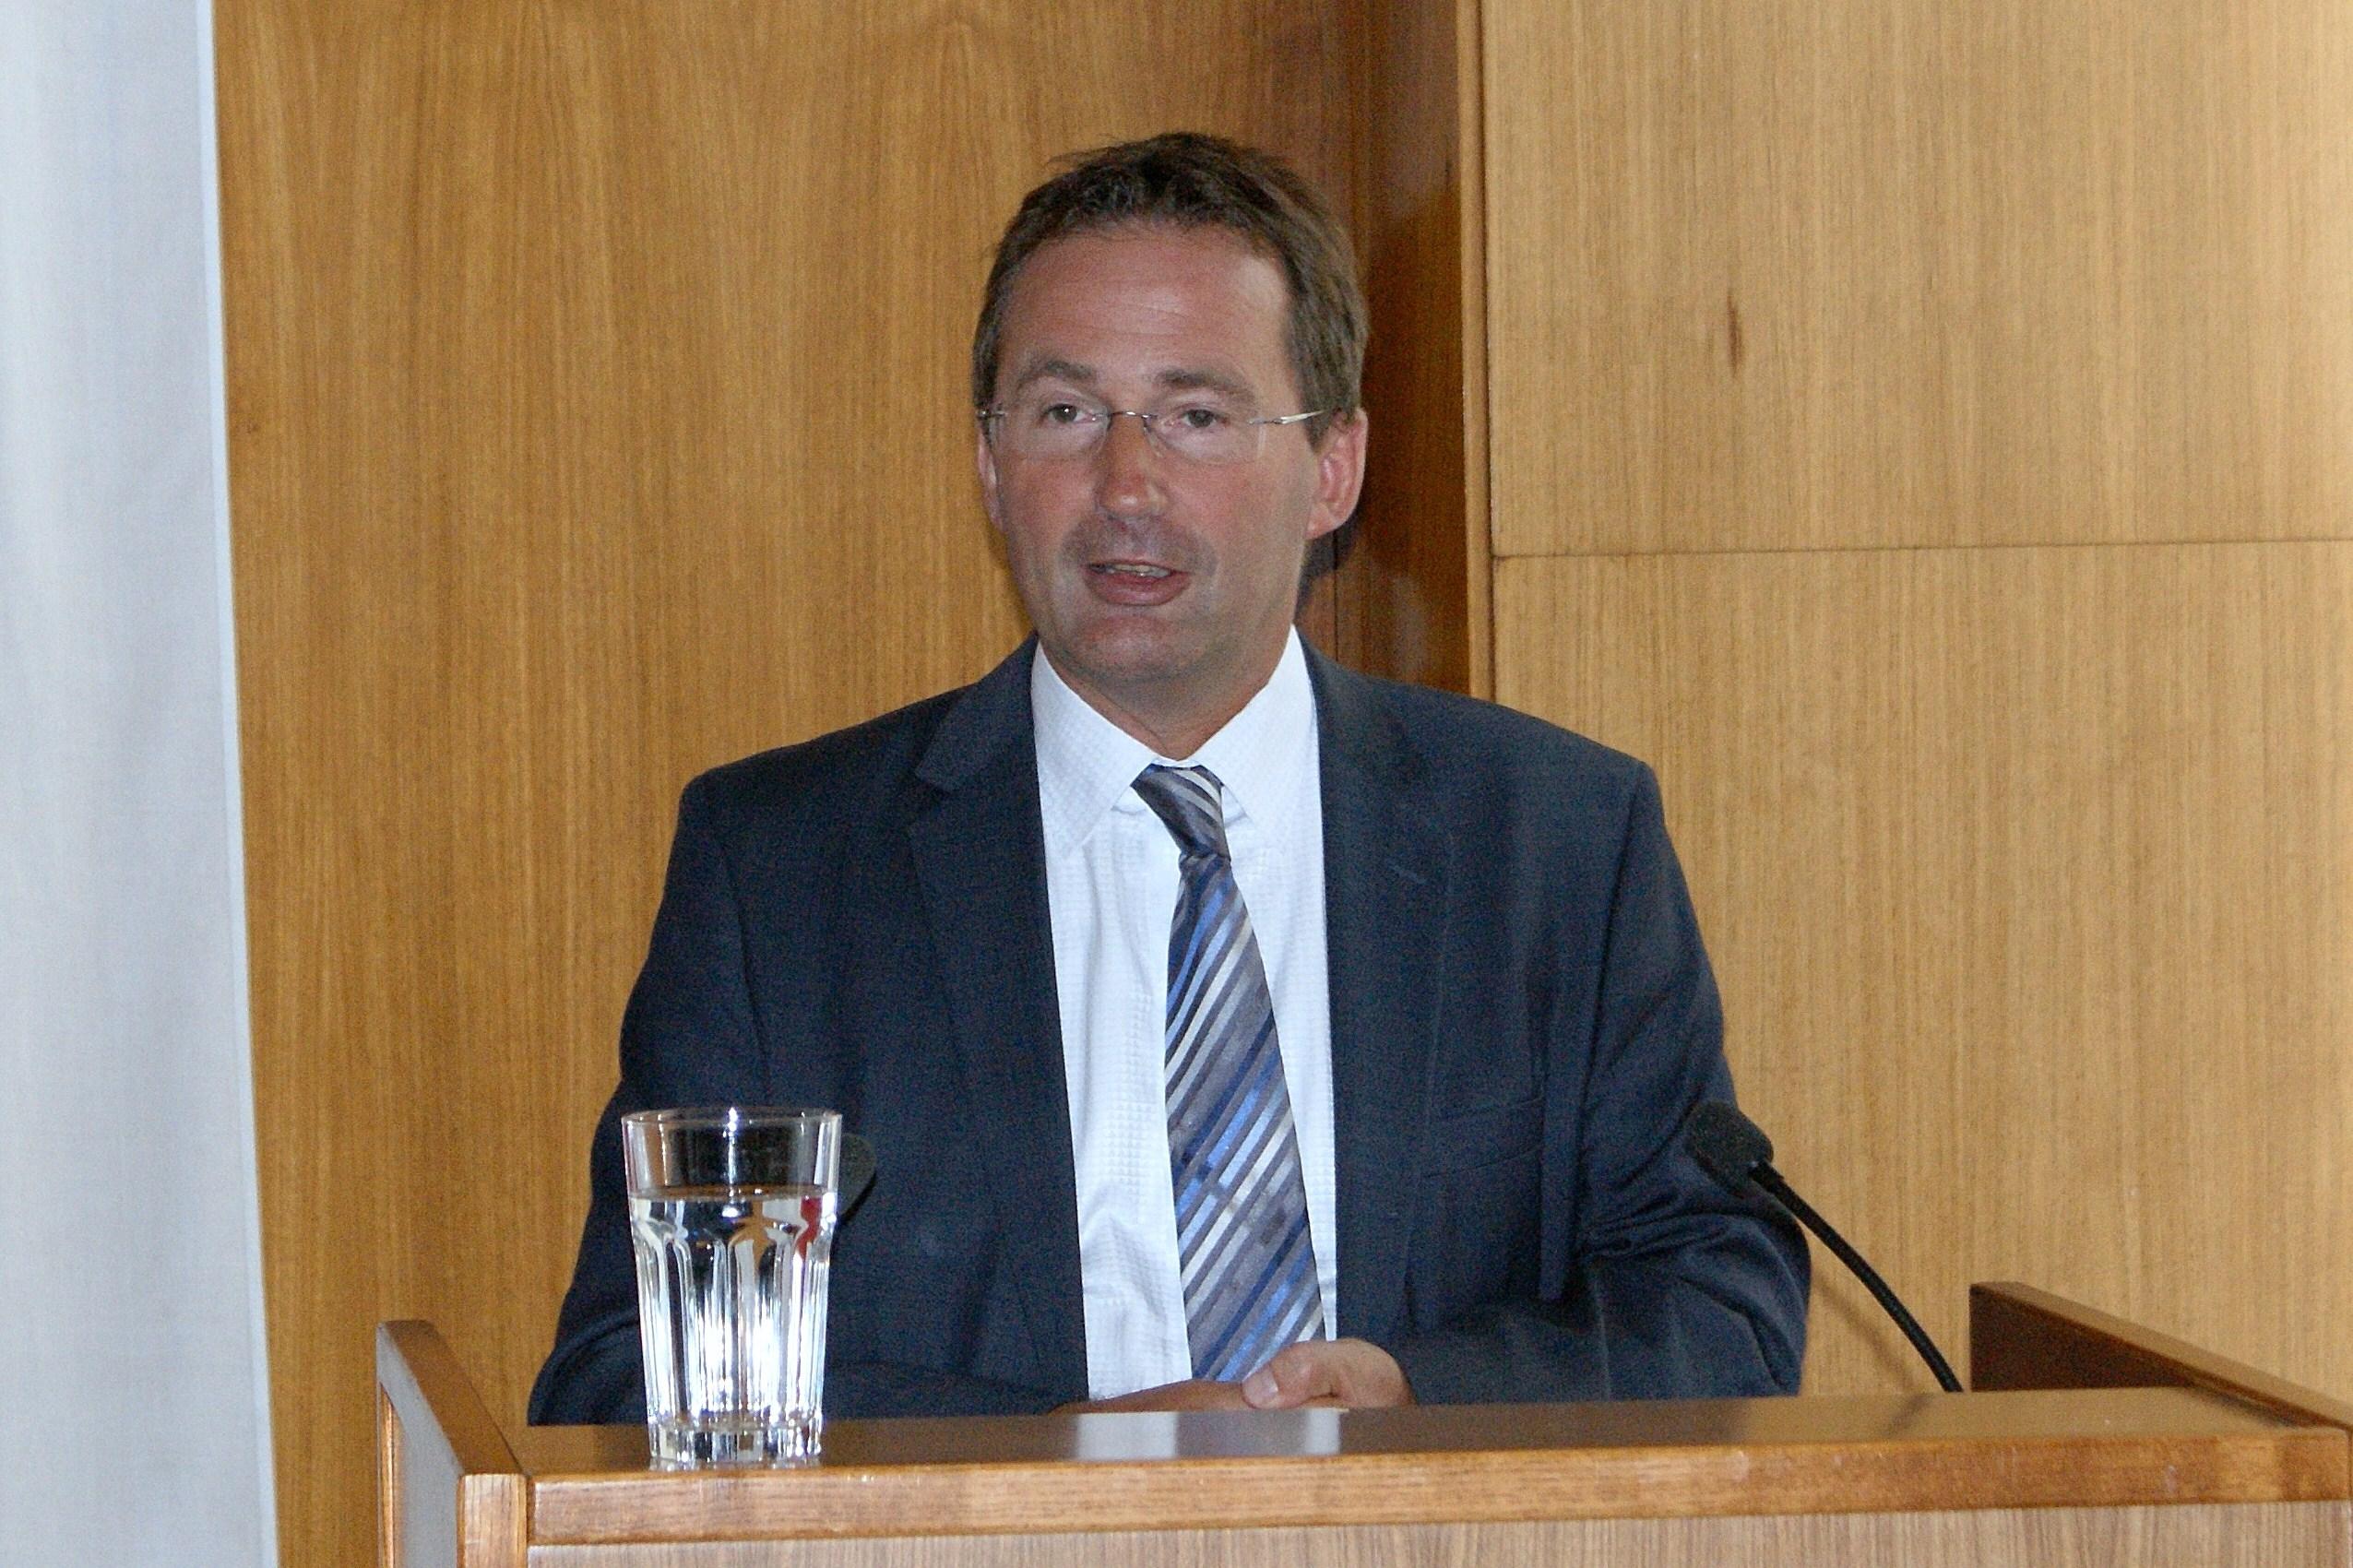 Wiens Landespolizeipräsident Dr. Gerhard Pürstl